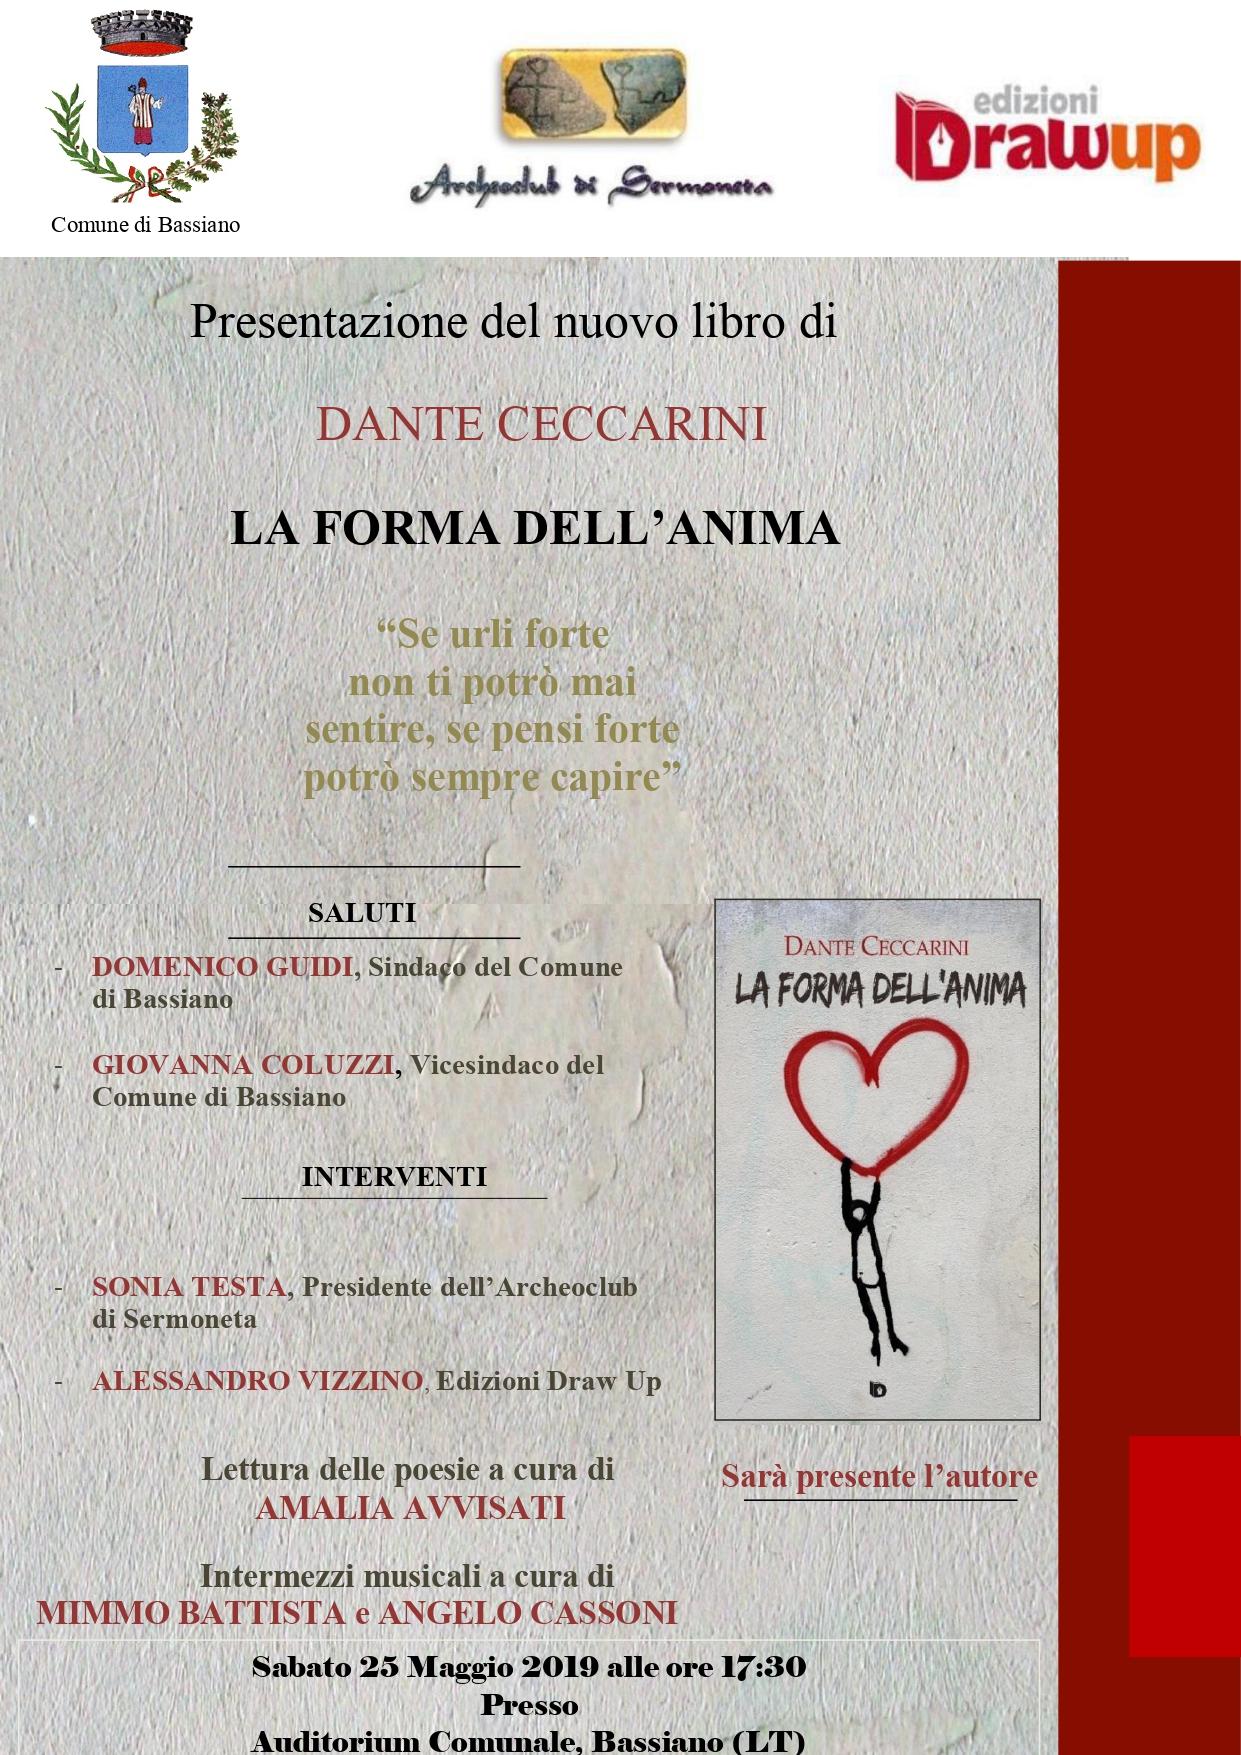 Presentazione del libro LA FORMA DELL'ANIMA di Dante Ceccarini